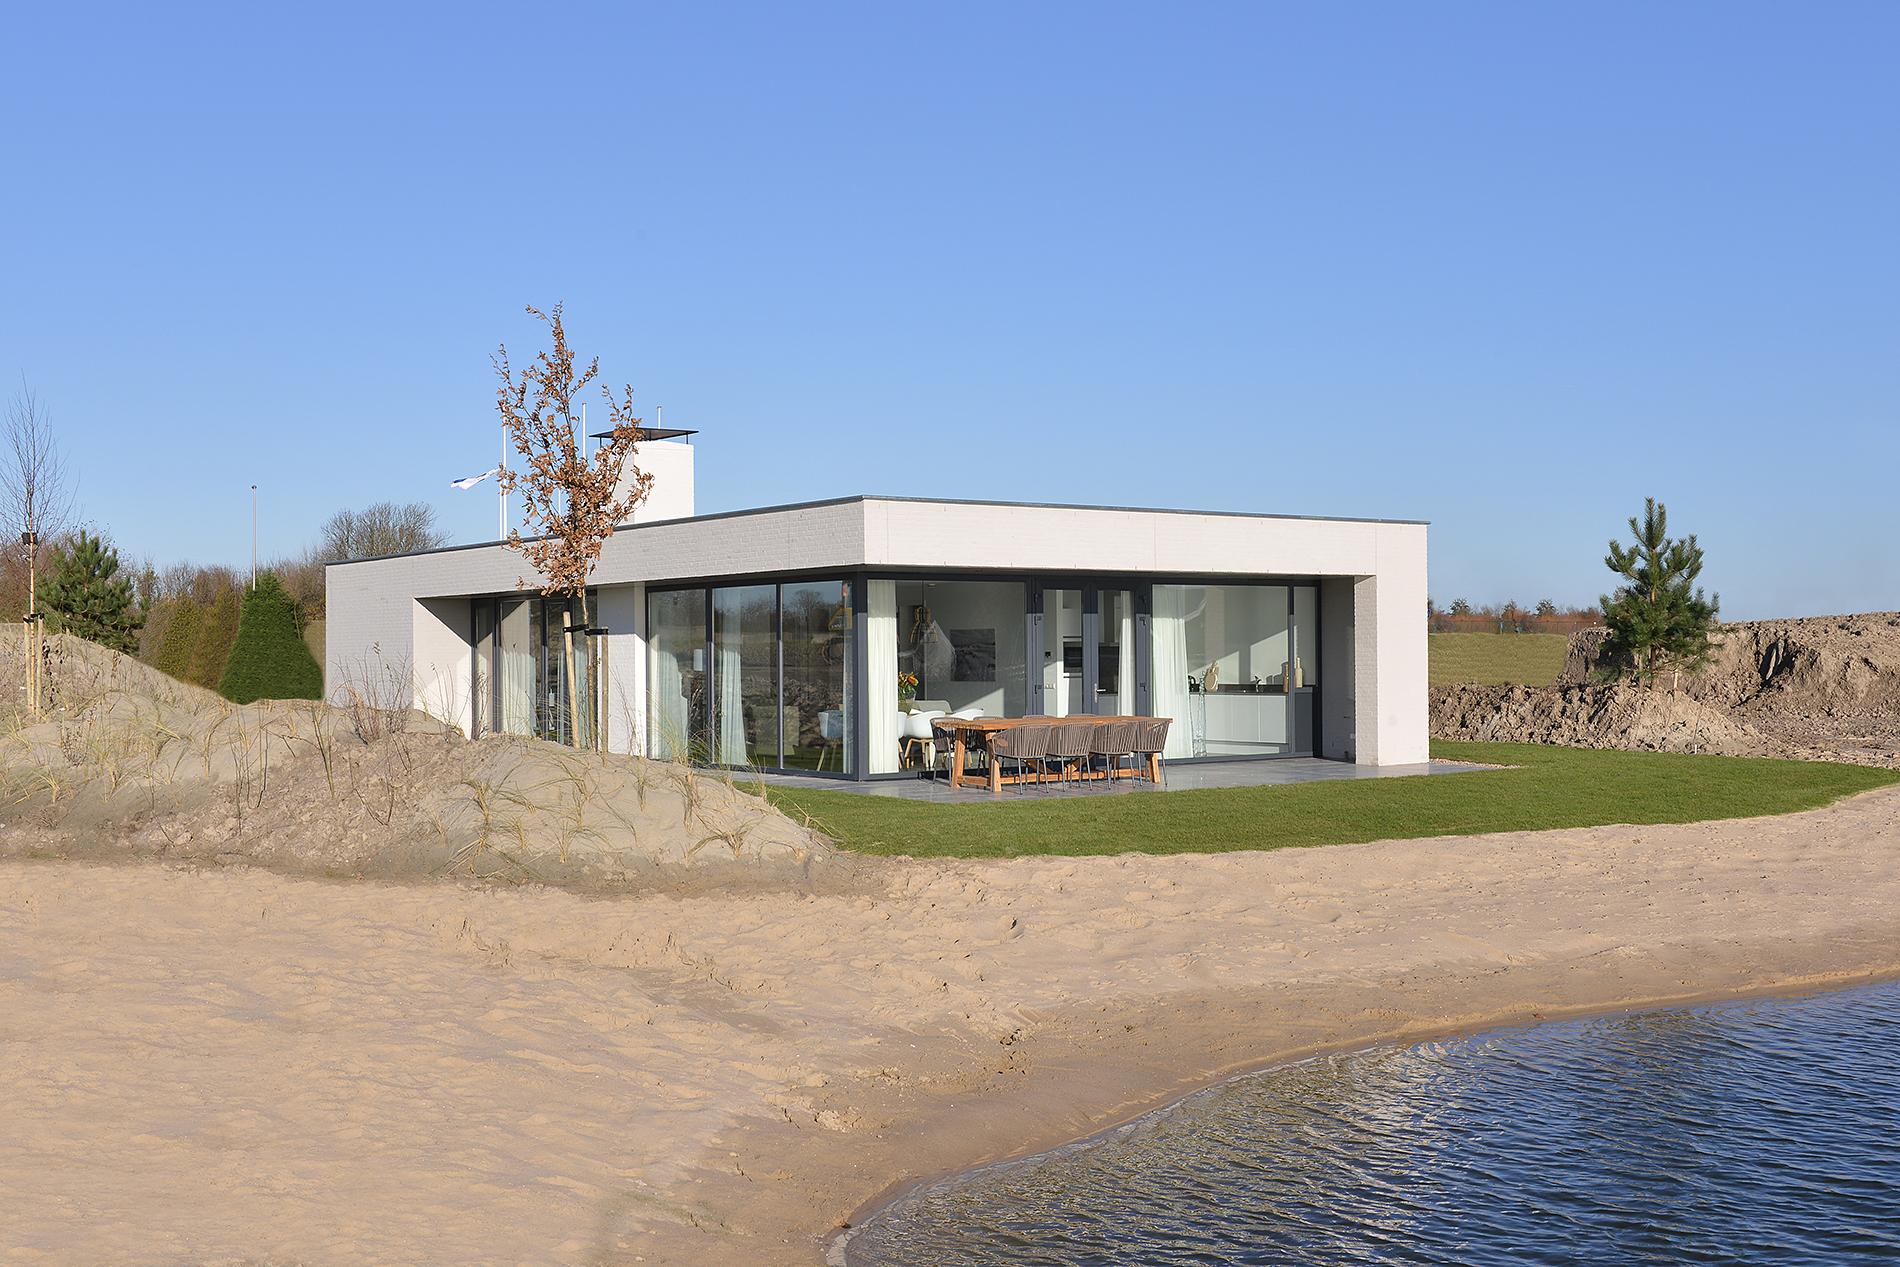 neu z 39 andvillas zeeland 5 minuten zu fu vom strand. Black Bedroom Furniture Sets. Home Design Ideas